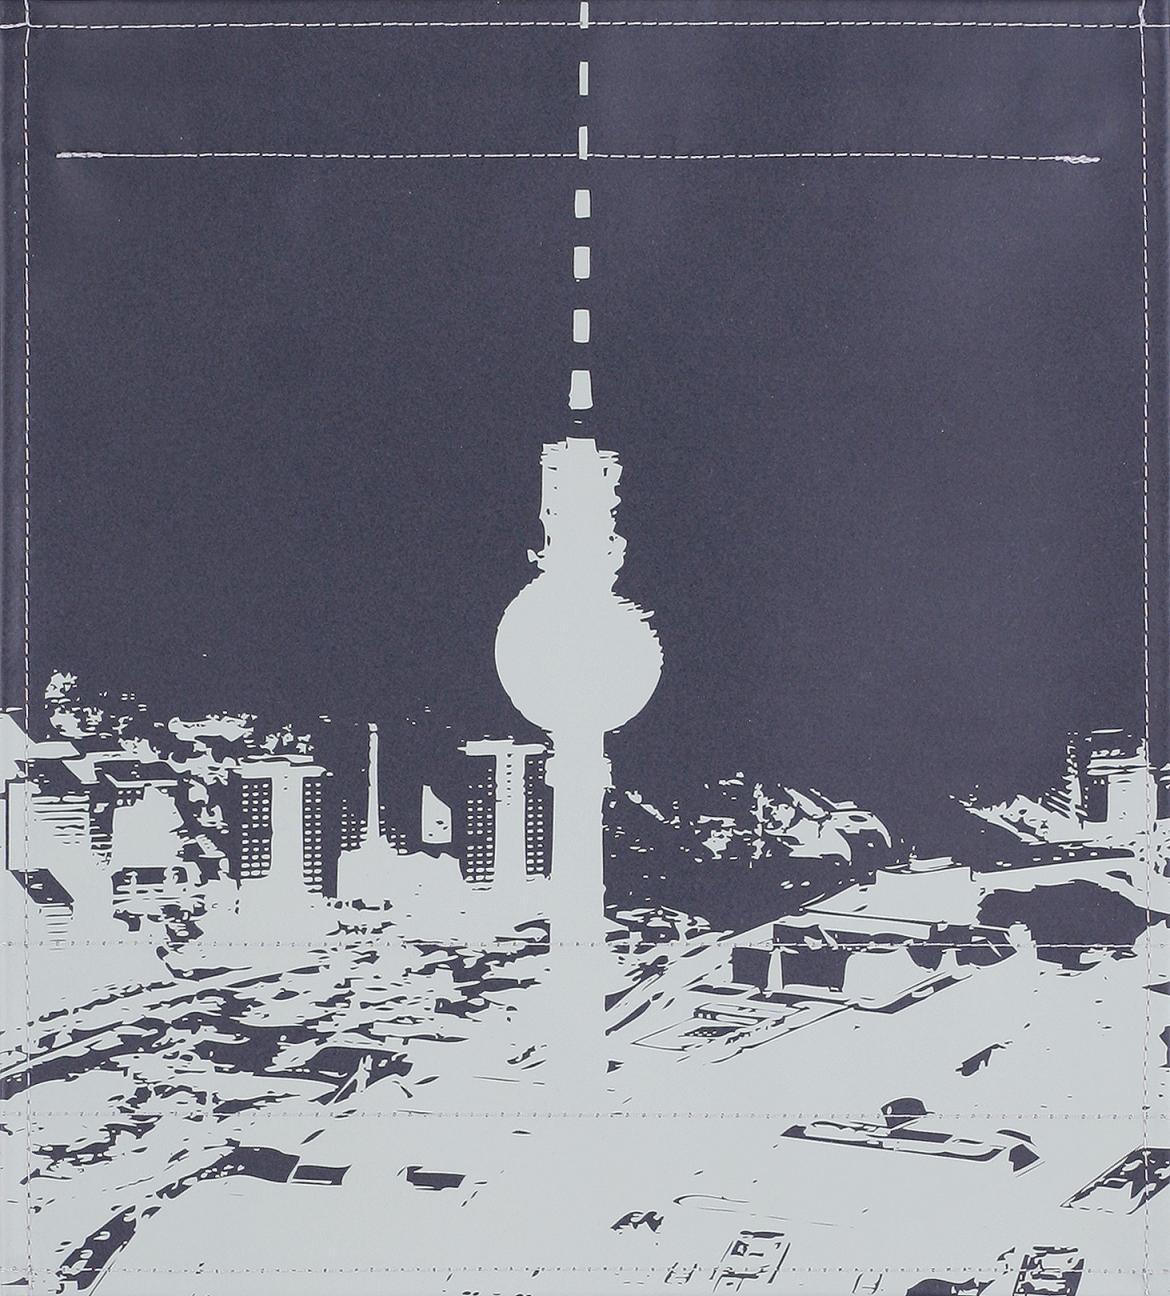 Stadtsilhouette Berlin schwarz/grau (mittel)